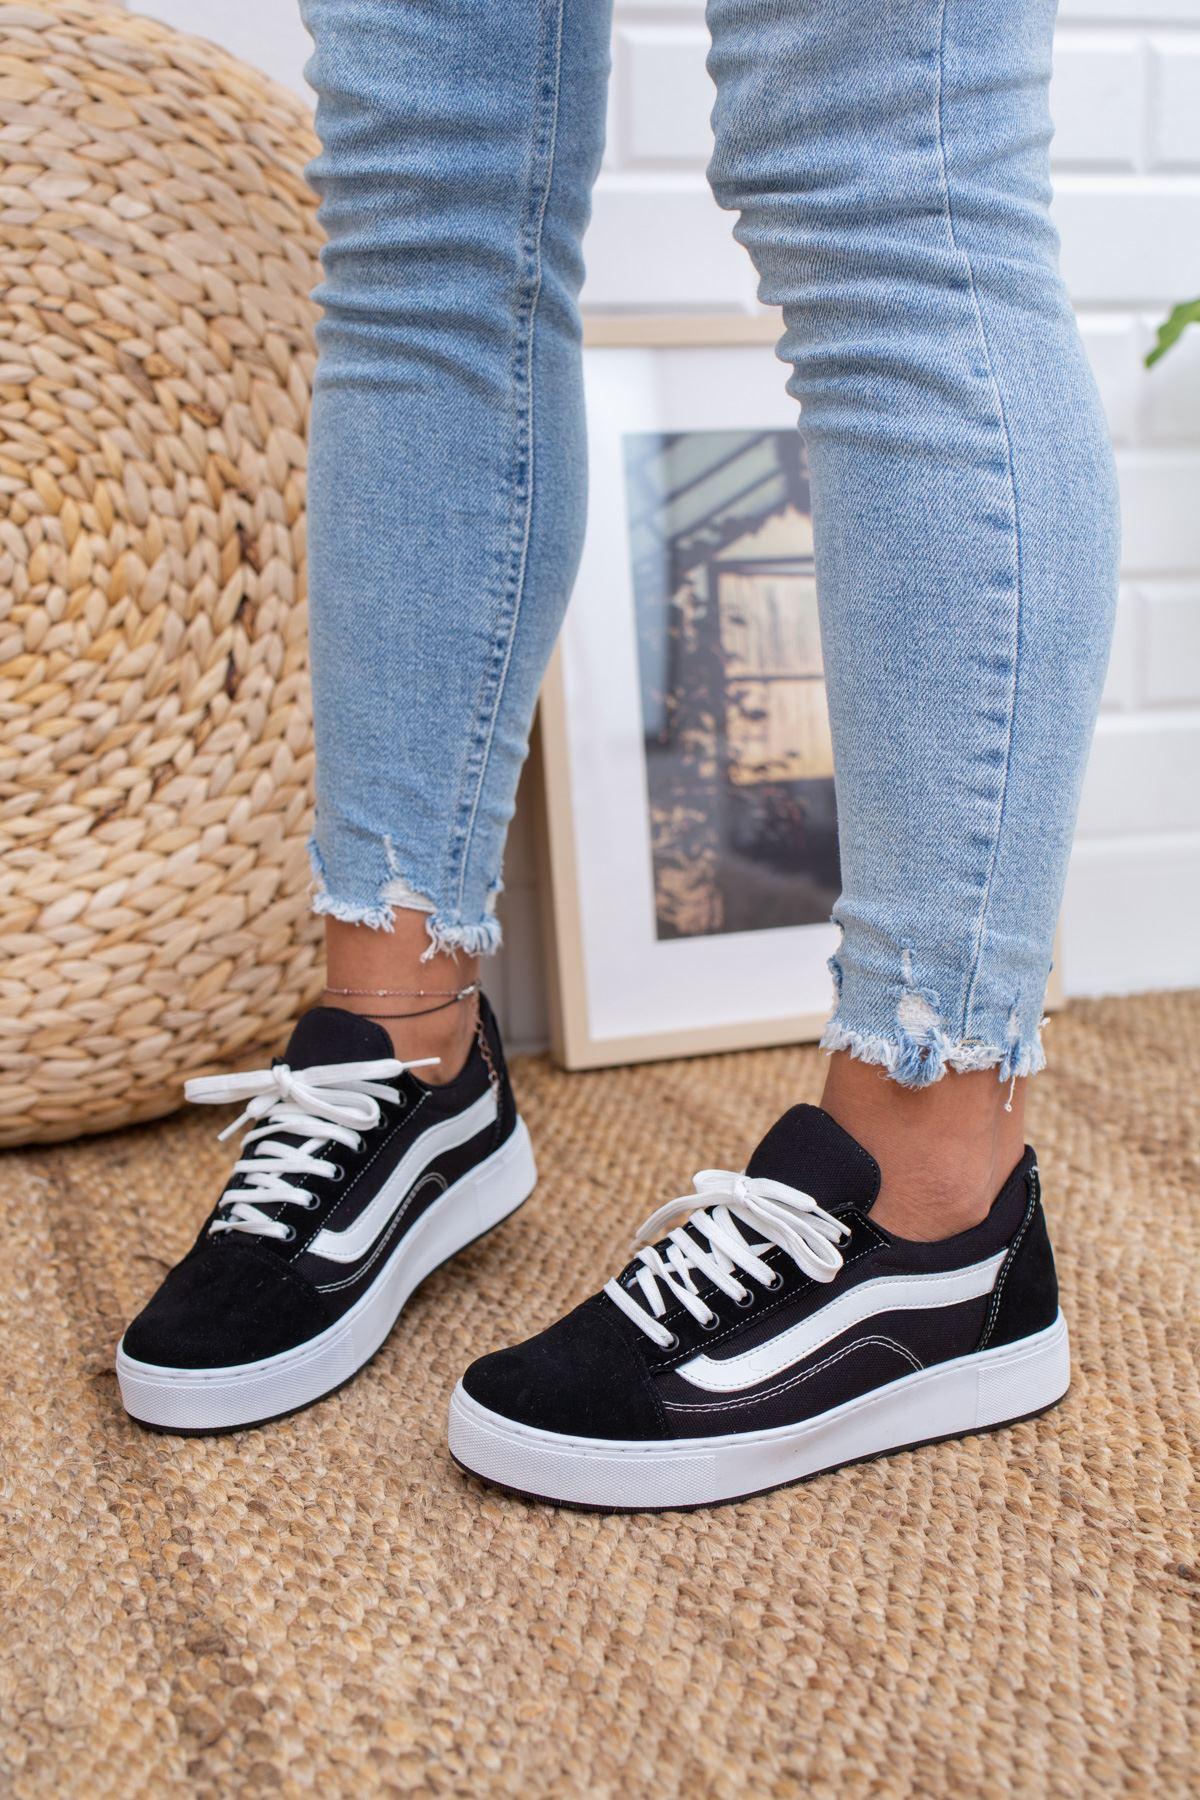 Vans Bağcıklı Siyah Spor Ayakkabı